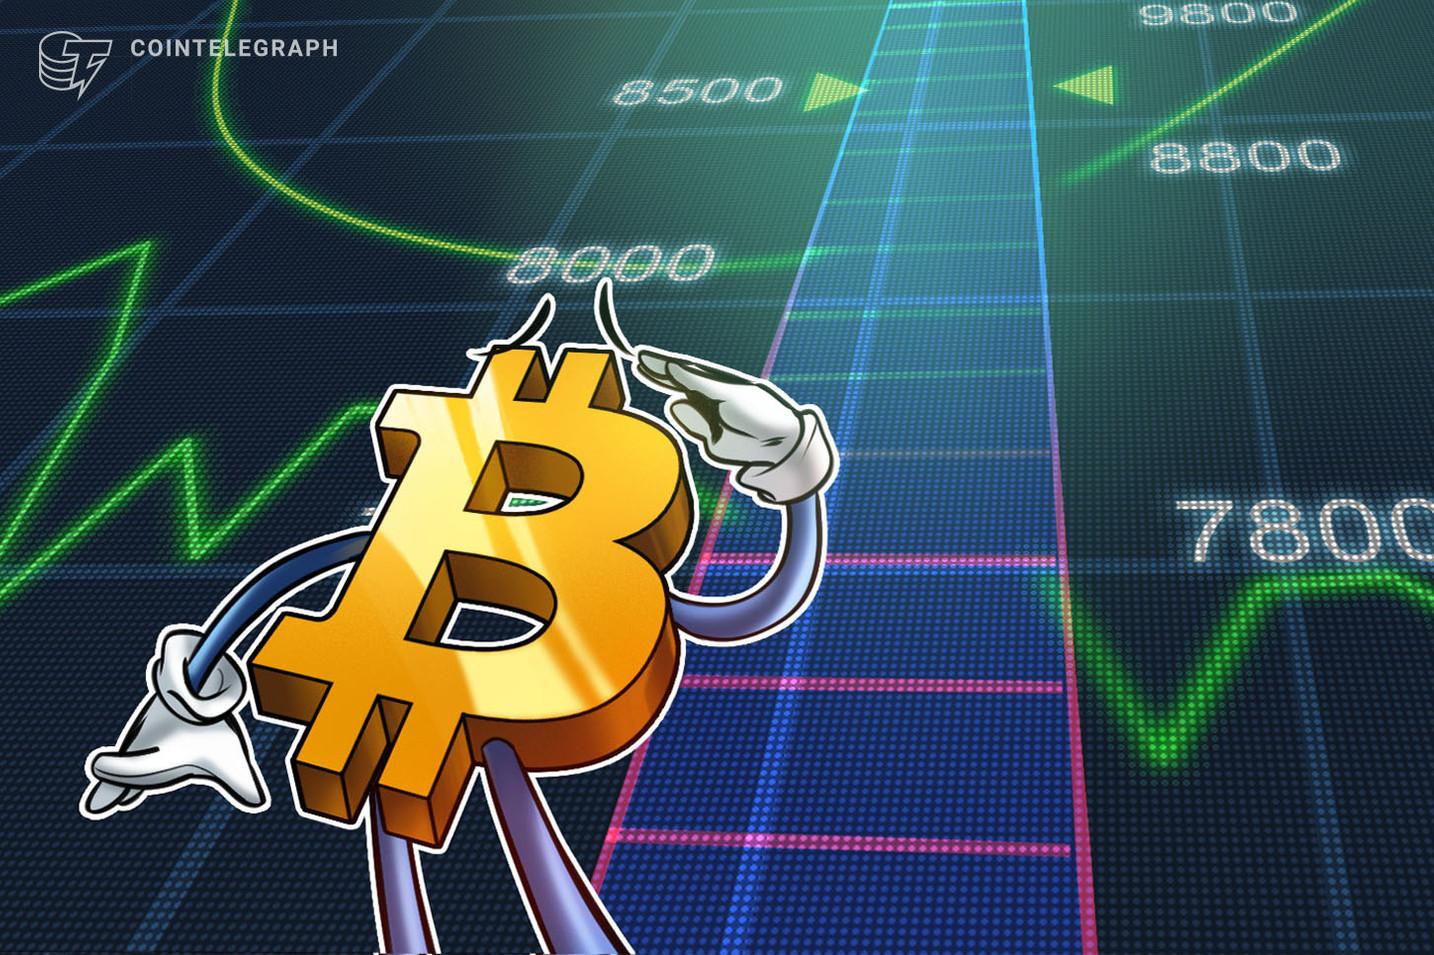 Bitcoin rompe os US$ 8.000 pela primeira vez desde julho de 2018, enquanto mercado de ações e petróleo reportam perdas